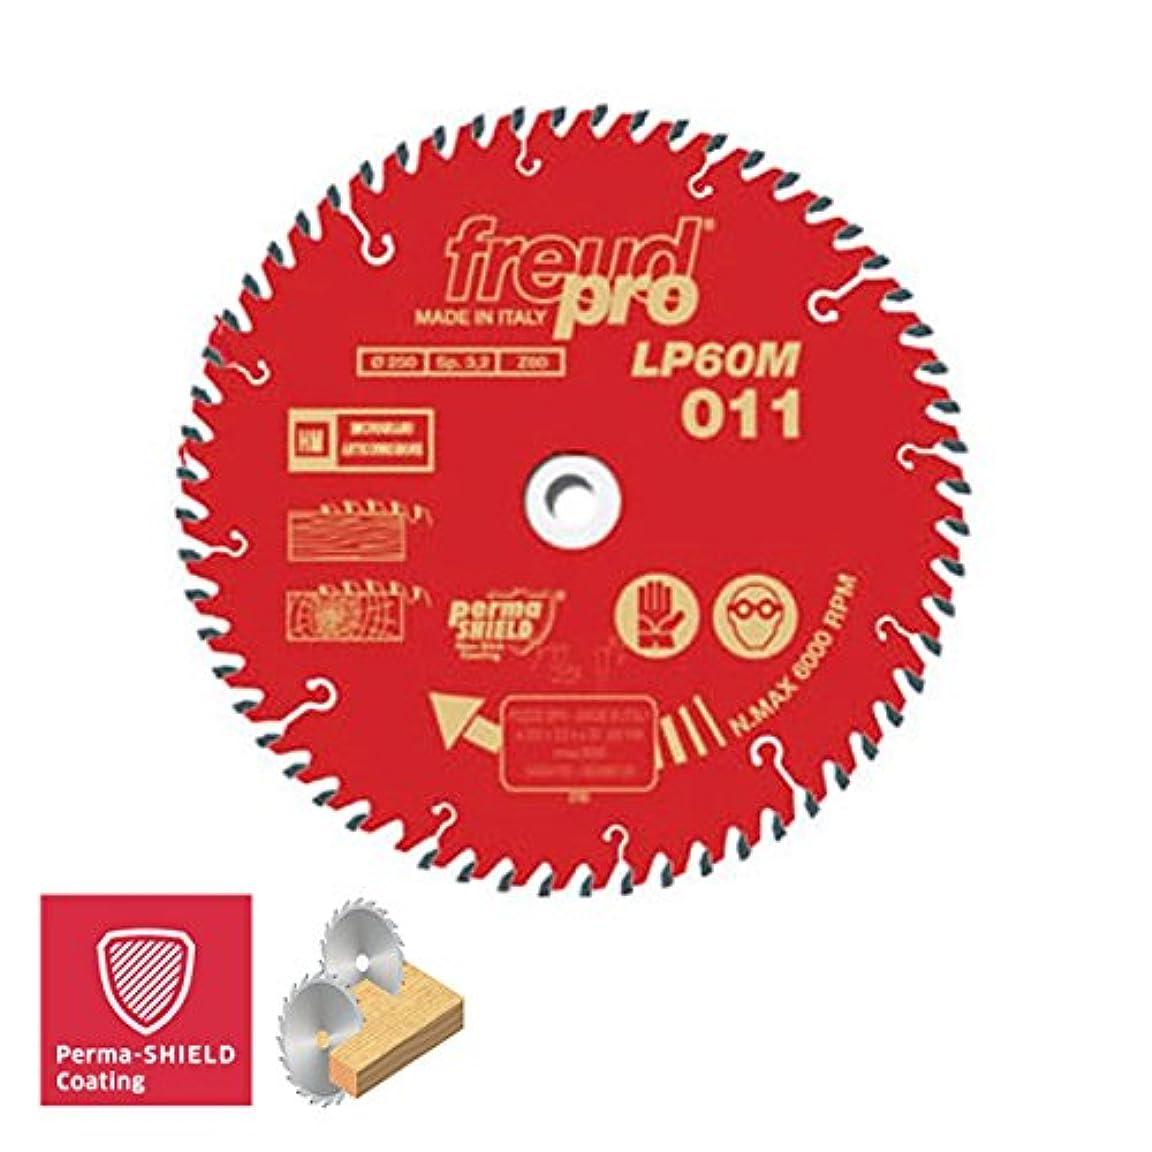 酒専門東ティモールFreud ブレード LP60タイプ 仕上げ用 (LP60M011 250mm) + ブレード変換リング (25.4mm)